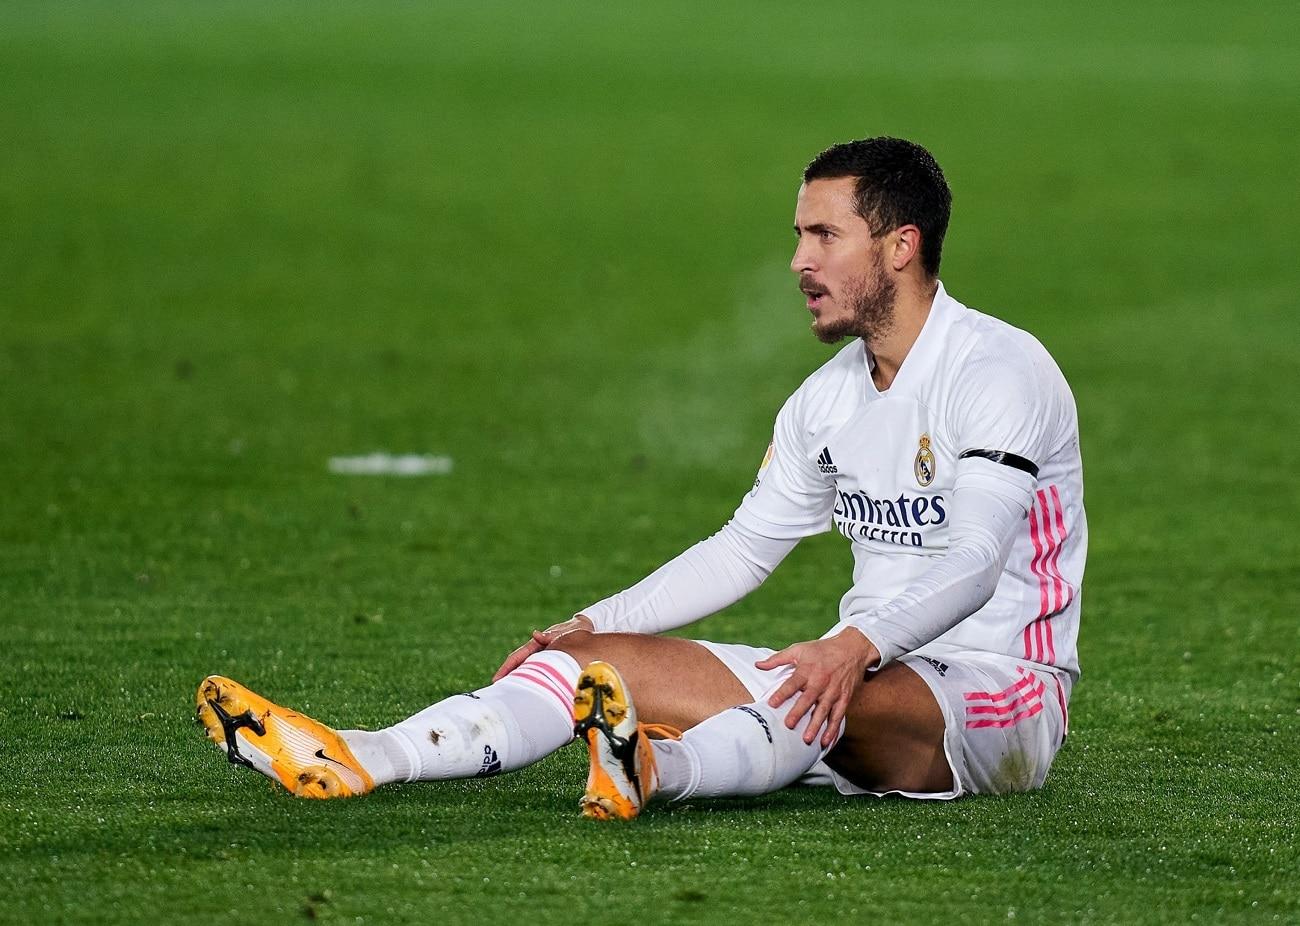 Kondisi Mengecewakan, Madrid Siapkan Program Fisik Khusus Untuk Hazard - Gilabola.com